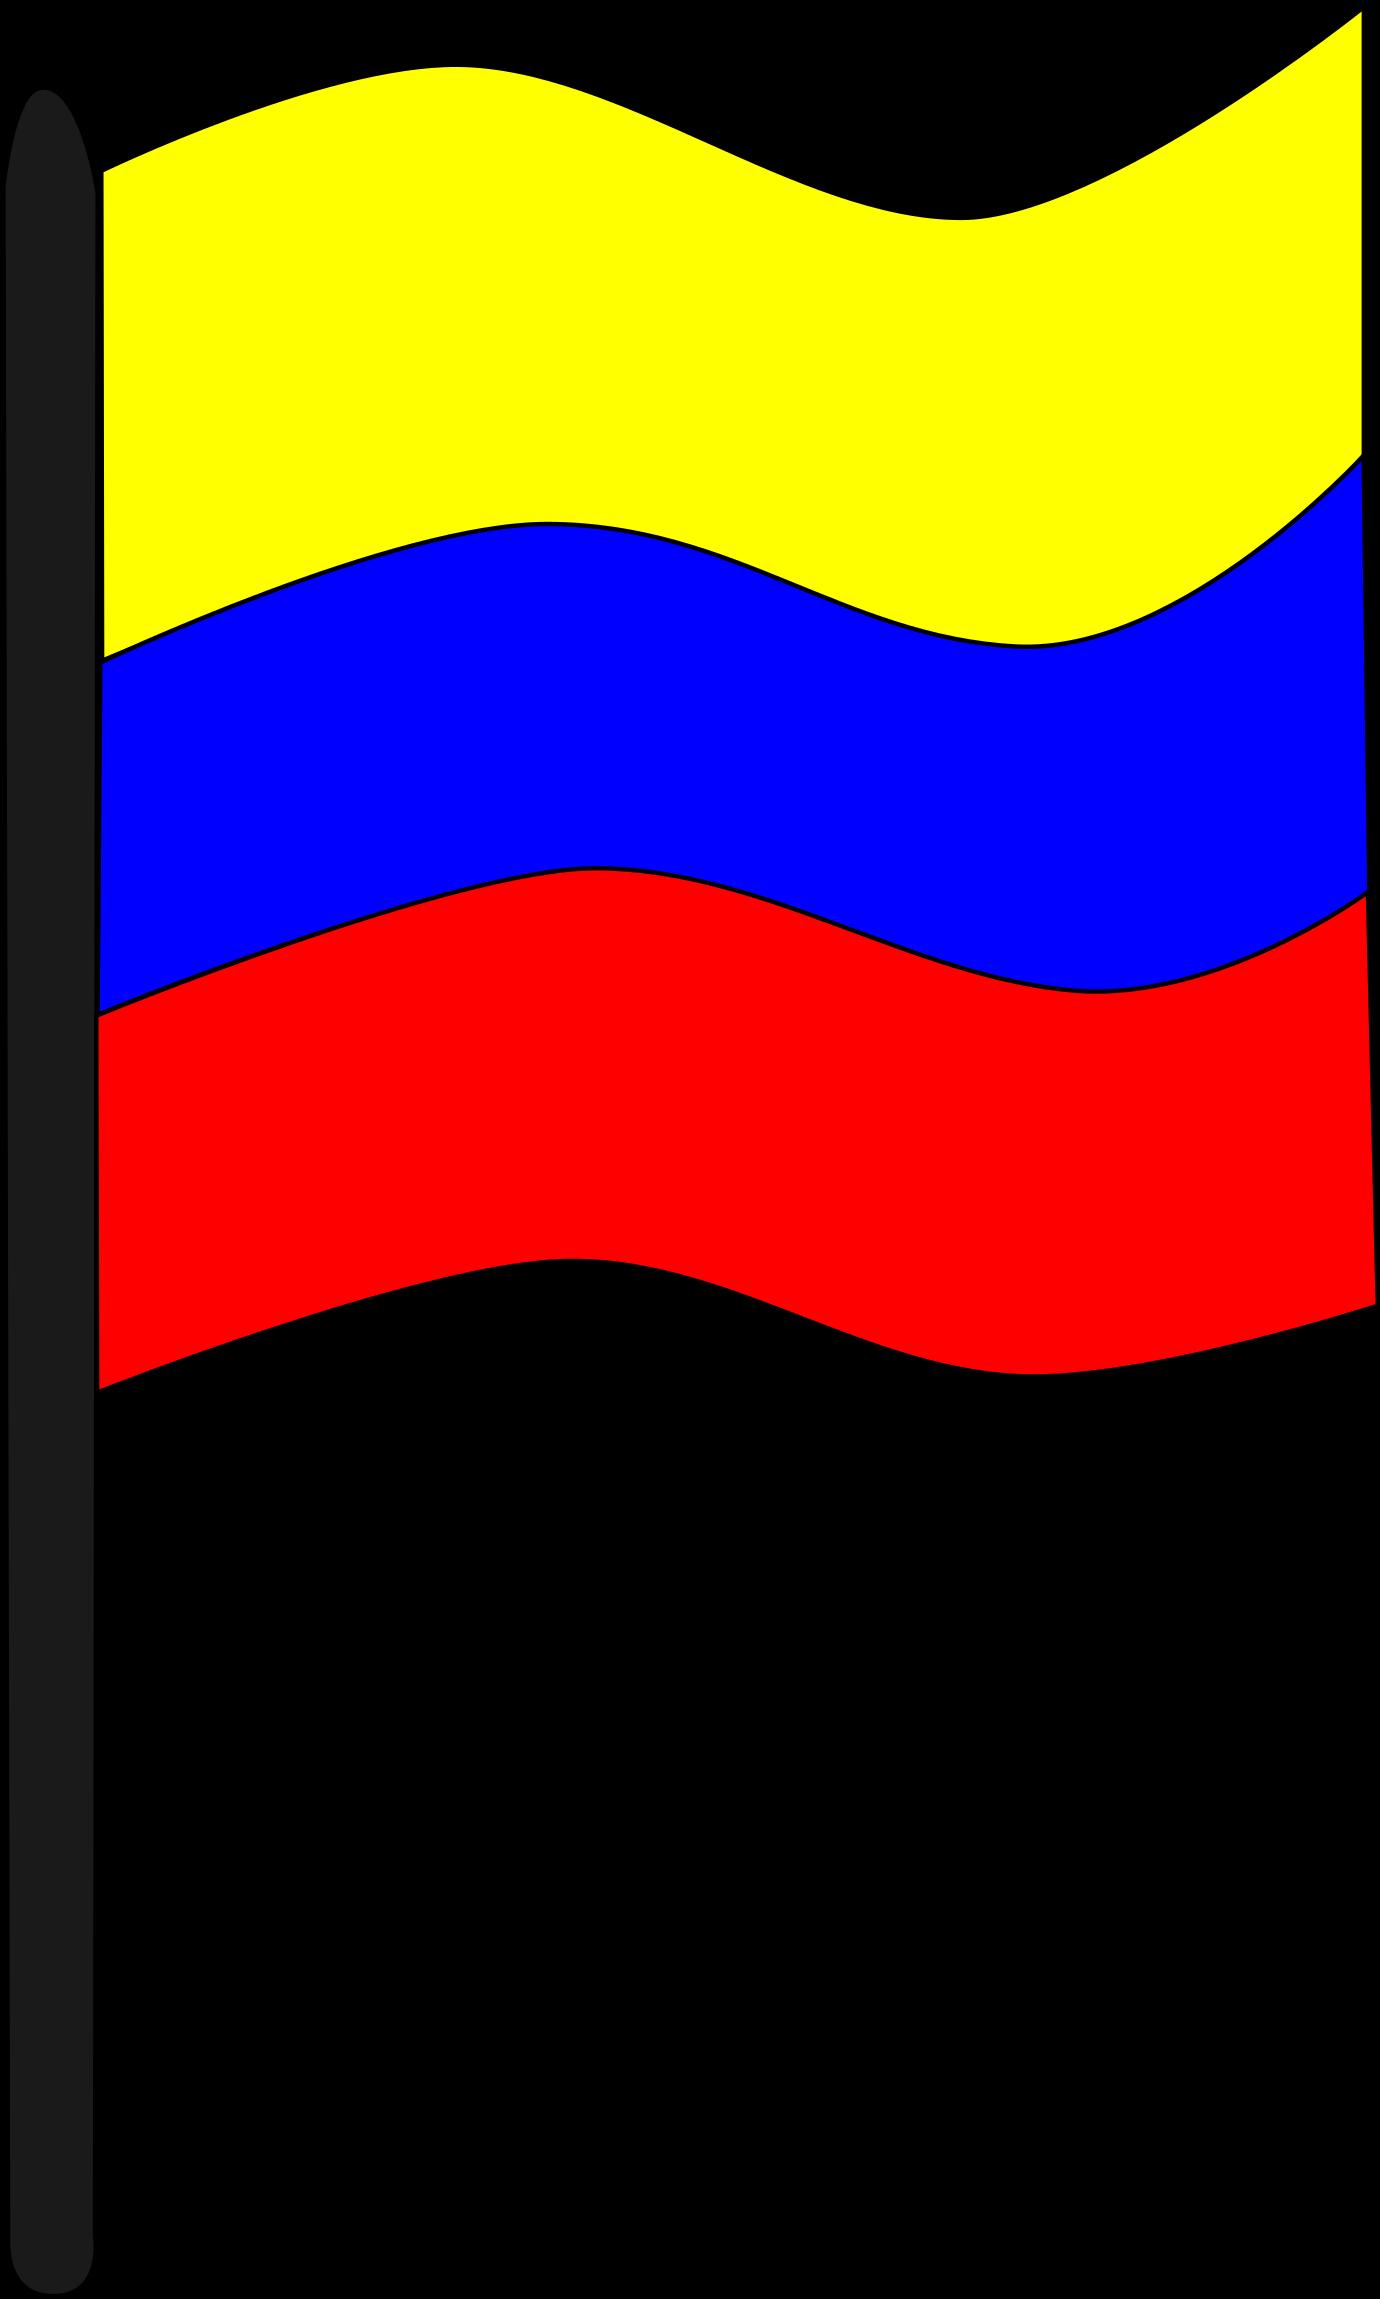 Bandera de colombia clipart picture royalty free library Rifle Clip Art Download - Bandera De Colombia Con Asta - Png ... picture royalty free library